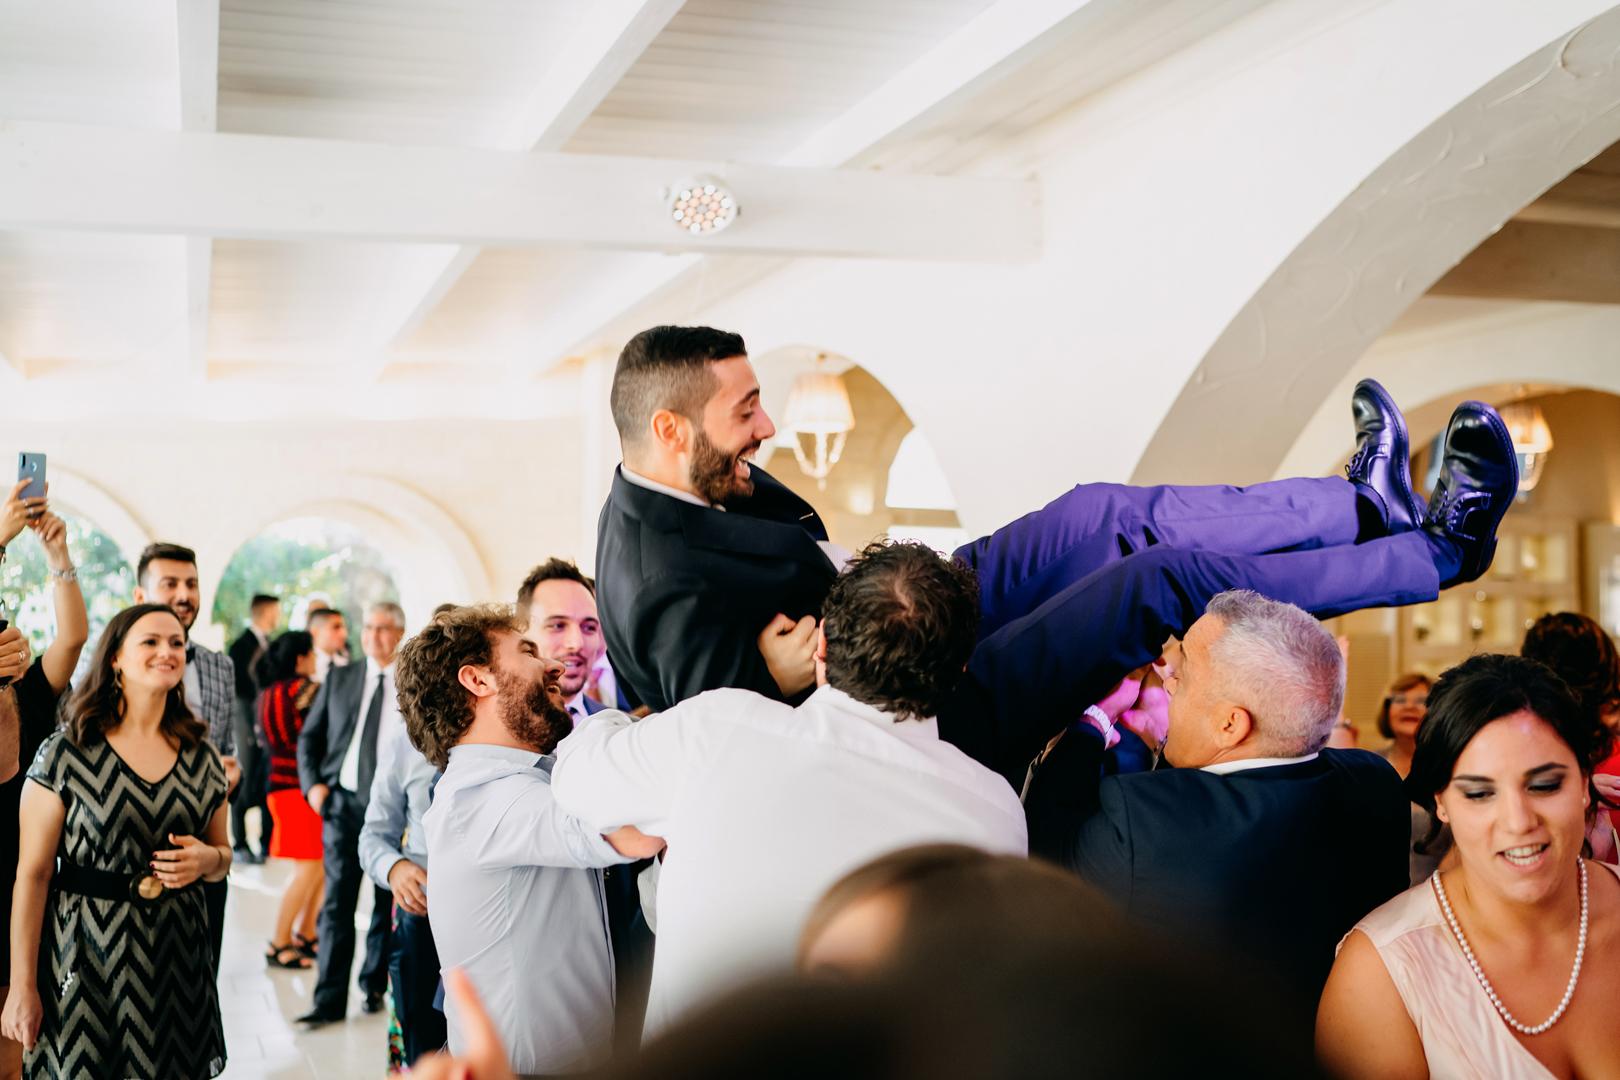 56 gianni-lepore-lancio-sposo